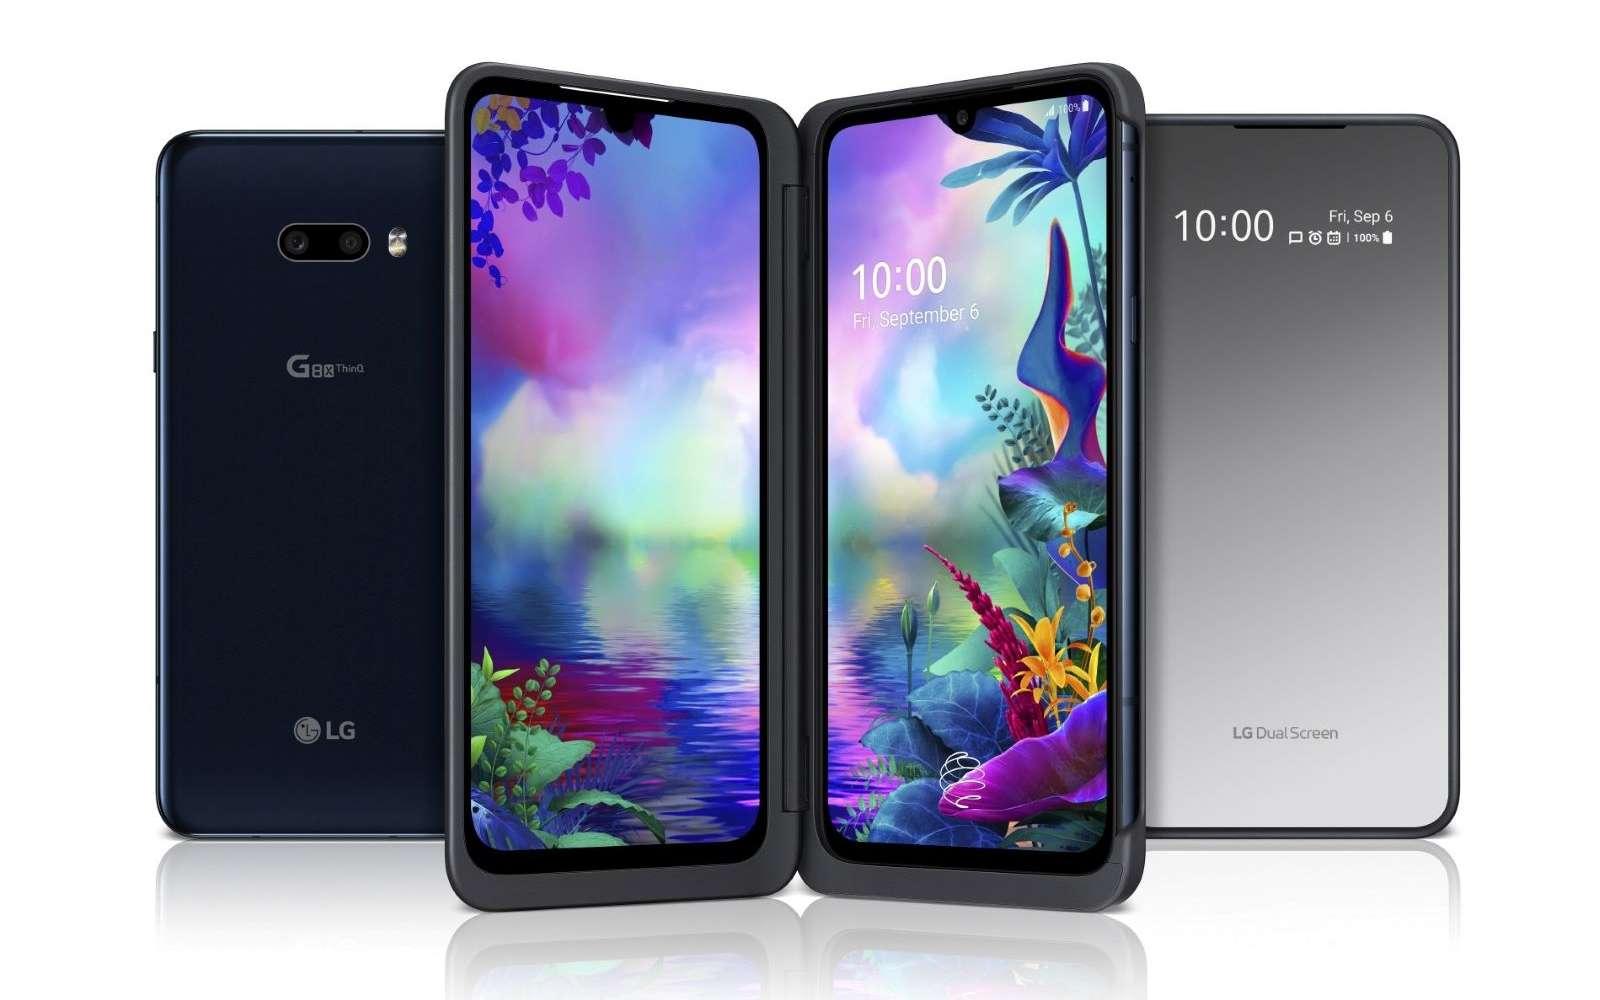 Grâce au deuxième écran, on peut par exemple utiliser le smartphone de manière horizontale pour jouer ou de manière verticale pour accroître la surface de l'image. © LG